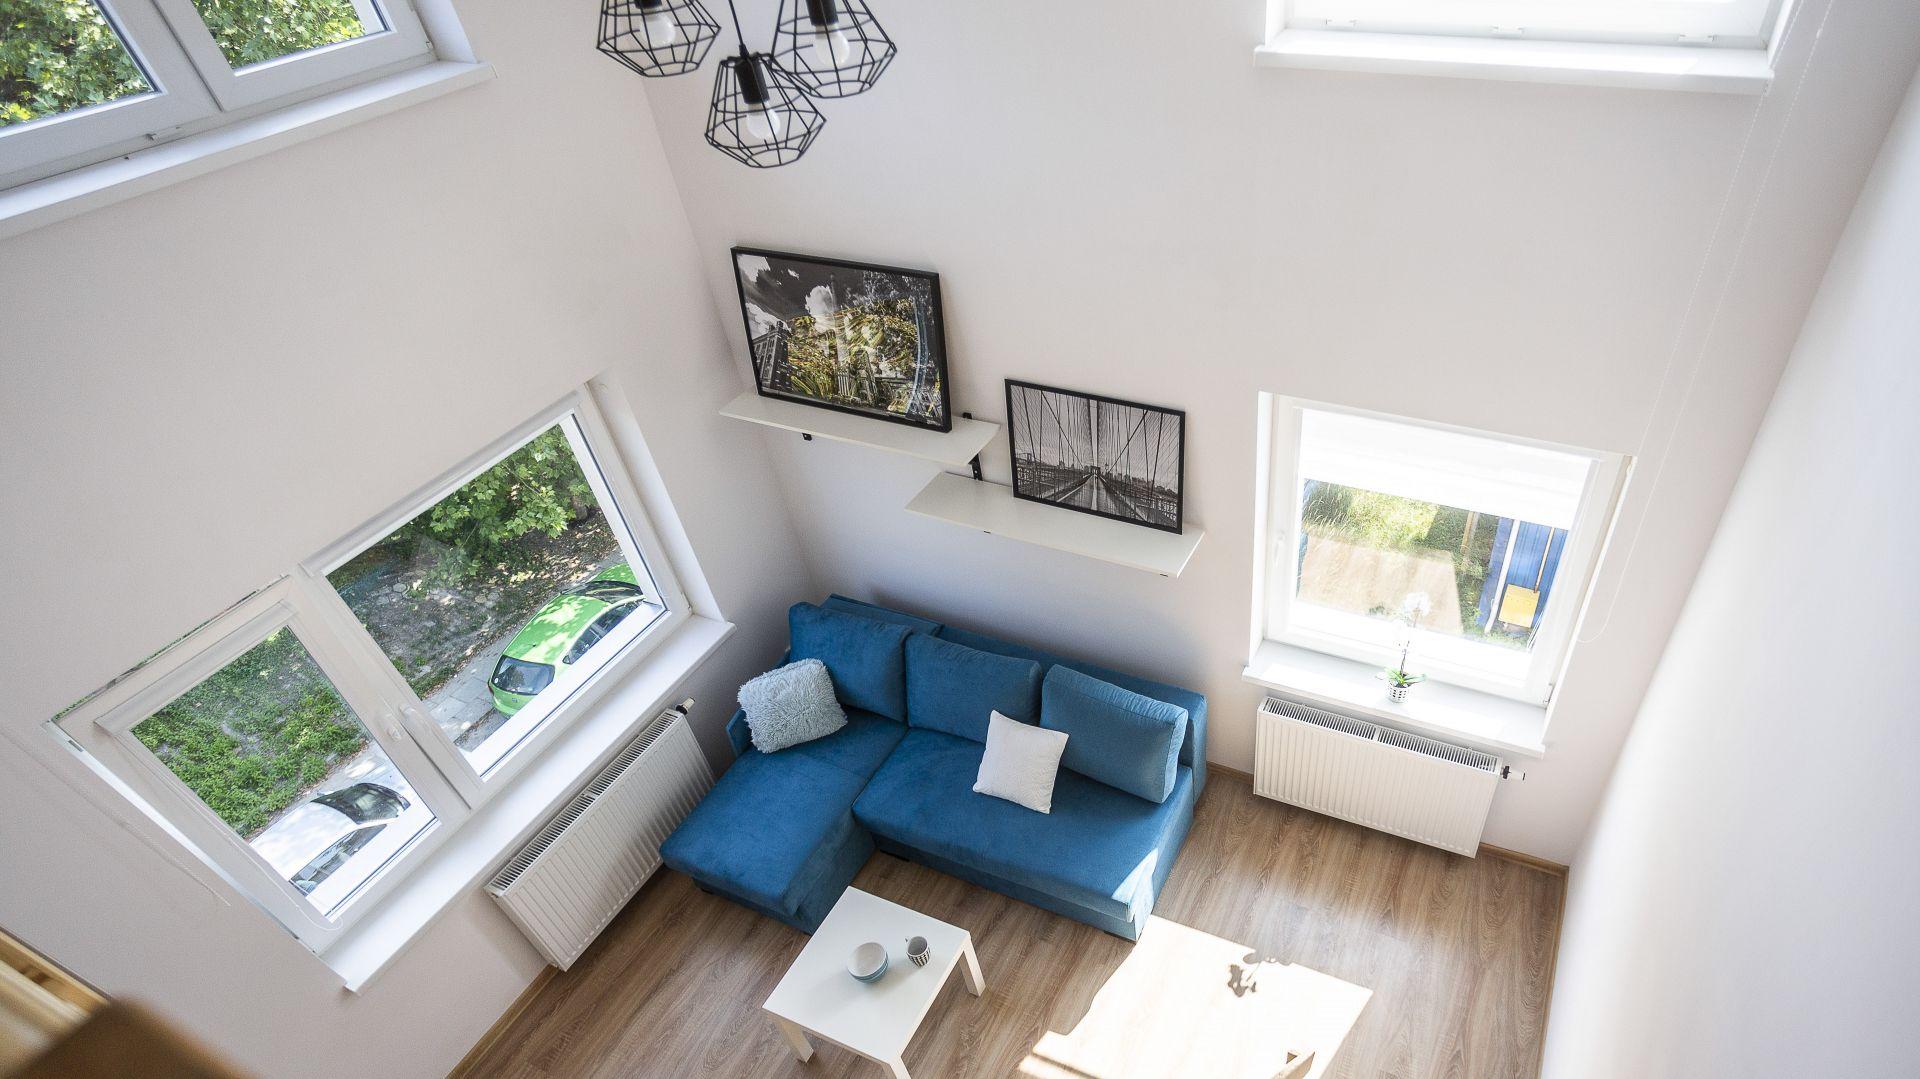 Małe mieszkanie na wynajem. Fot. PTWP